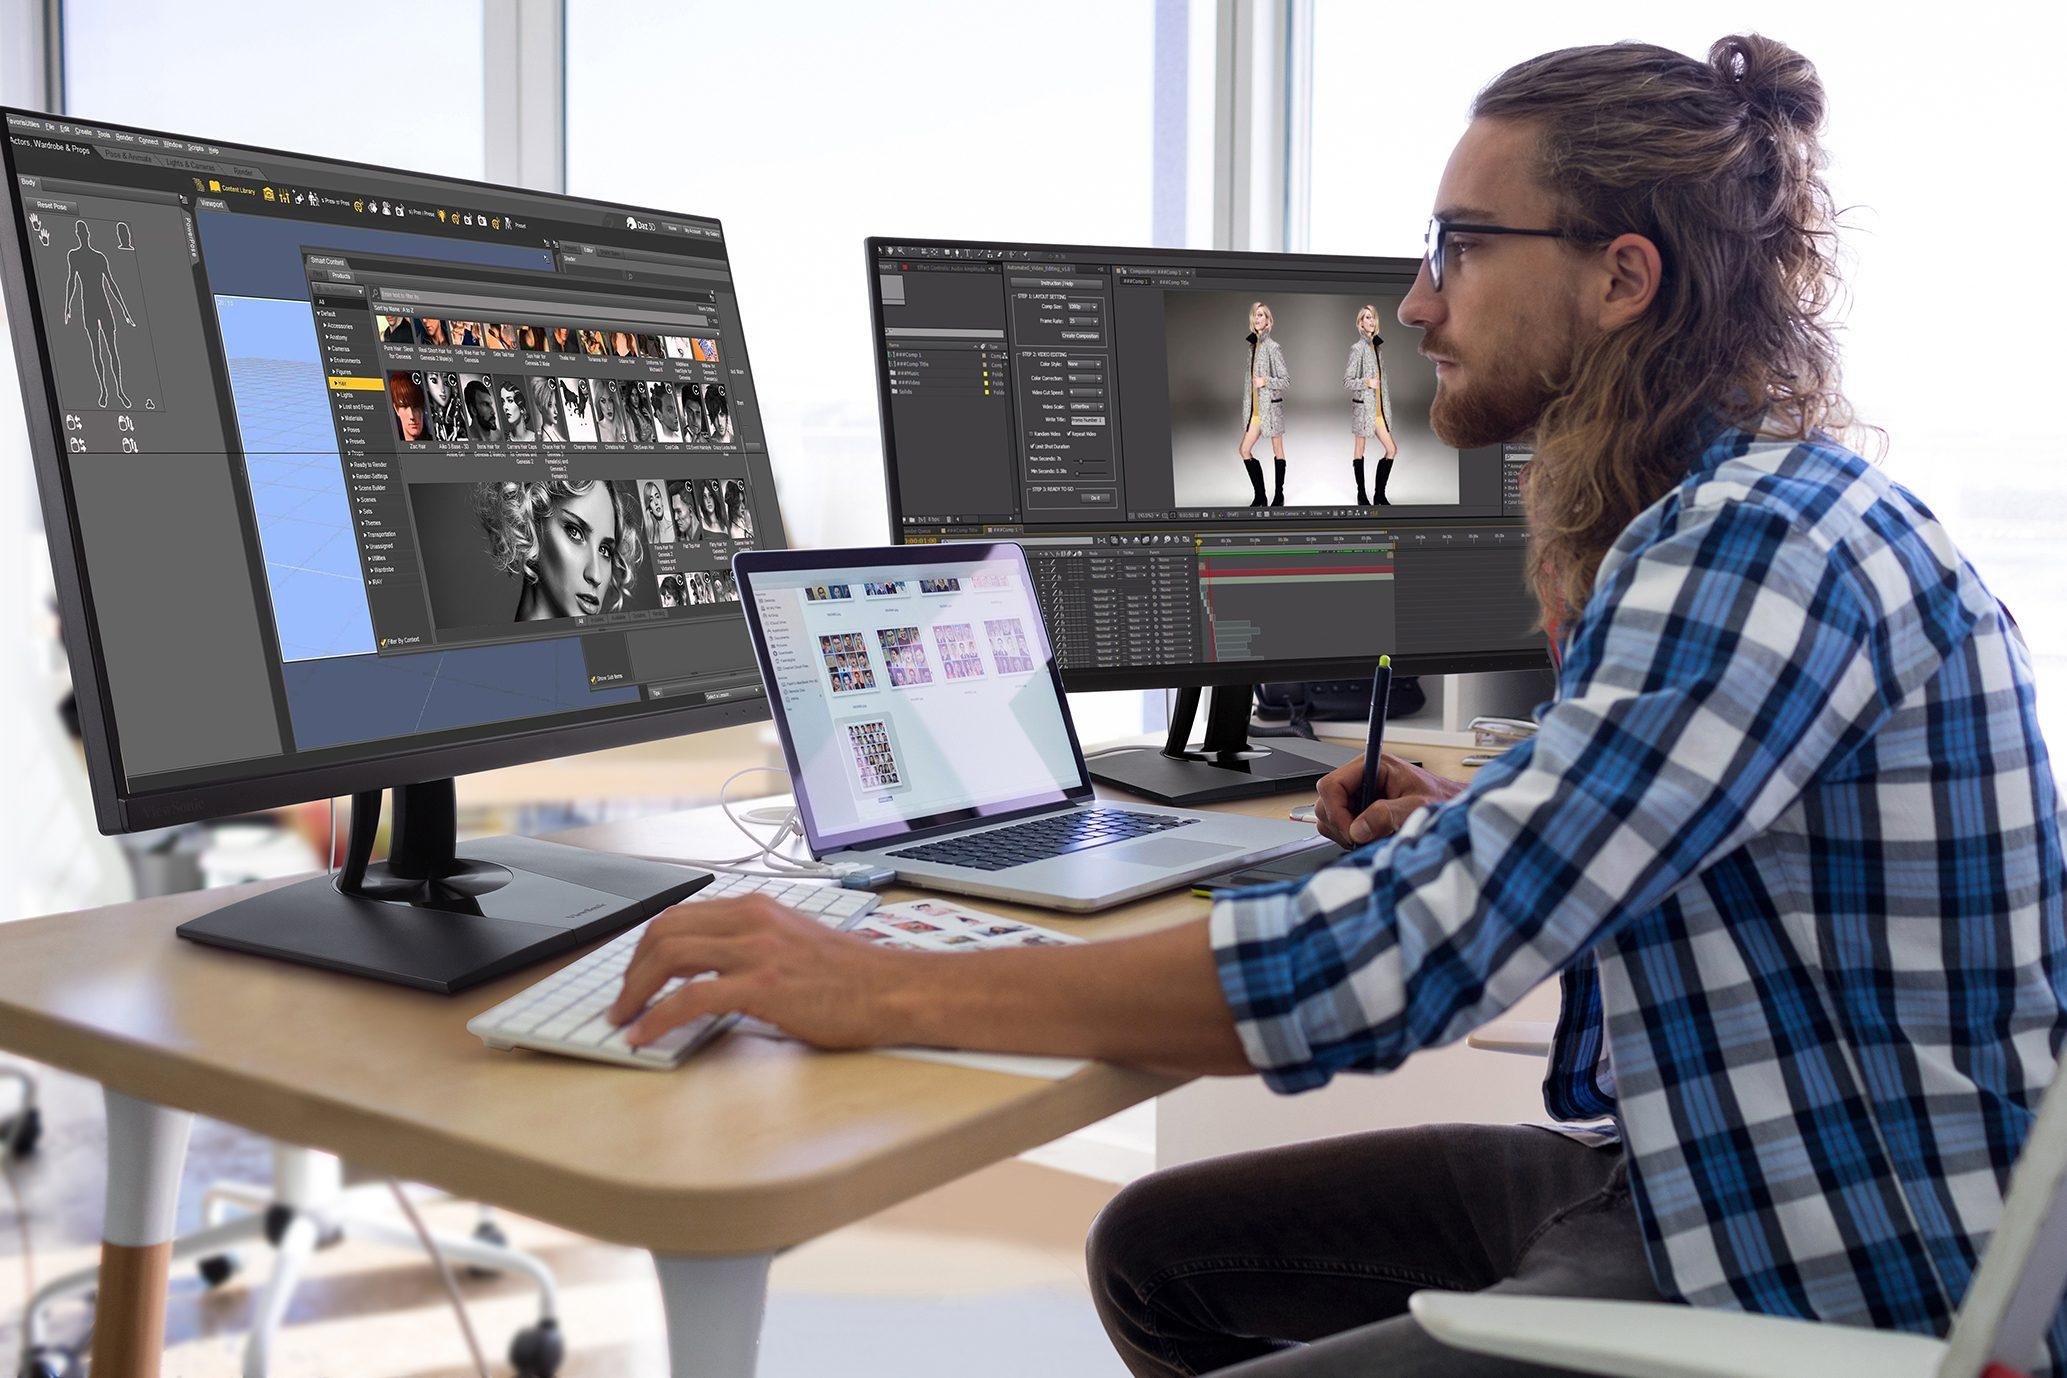 ViewSonic presenta nuevos monitores ColorPro™ con resoluciones 2K y 4K